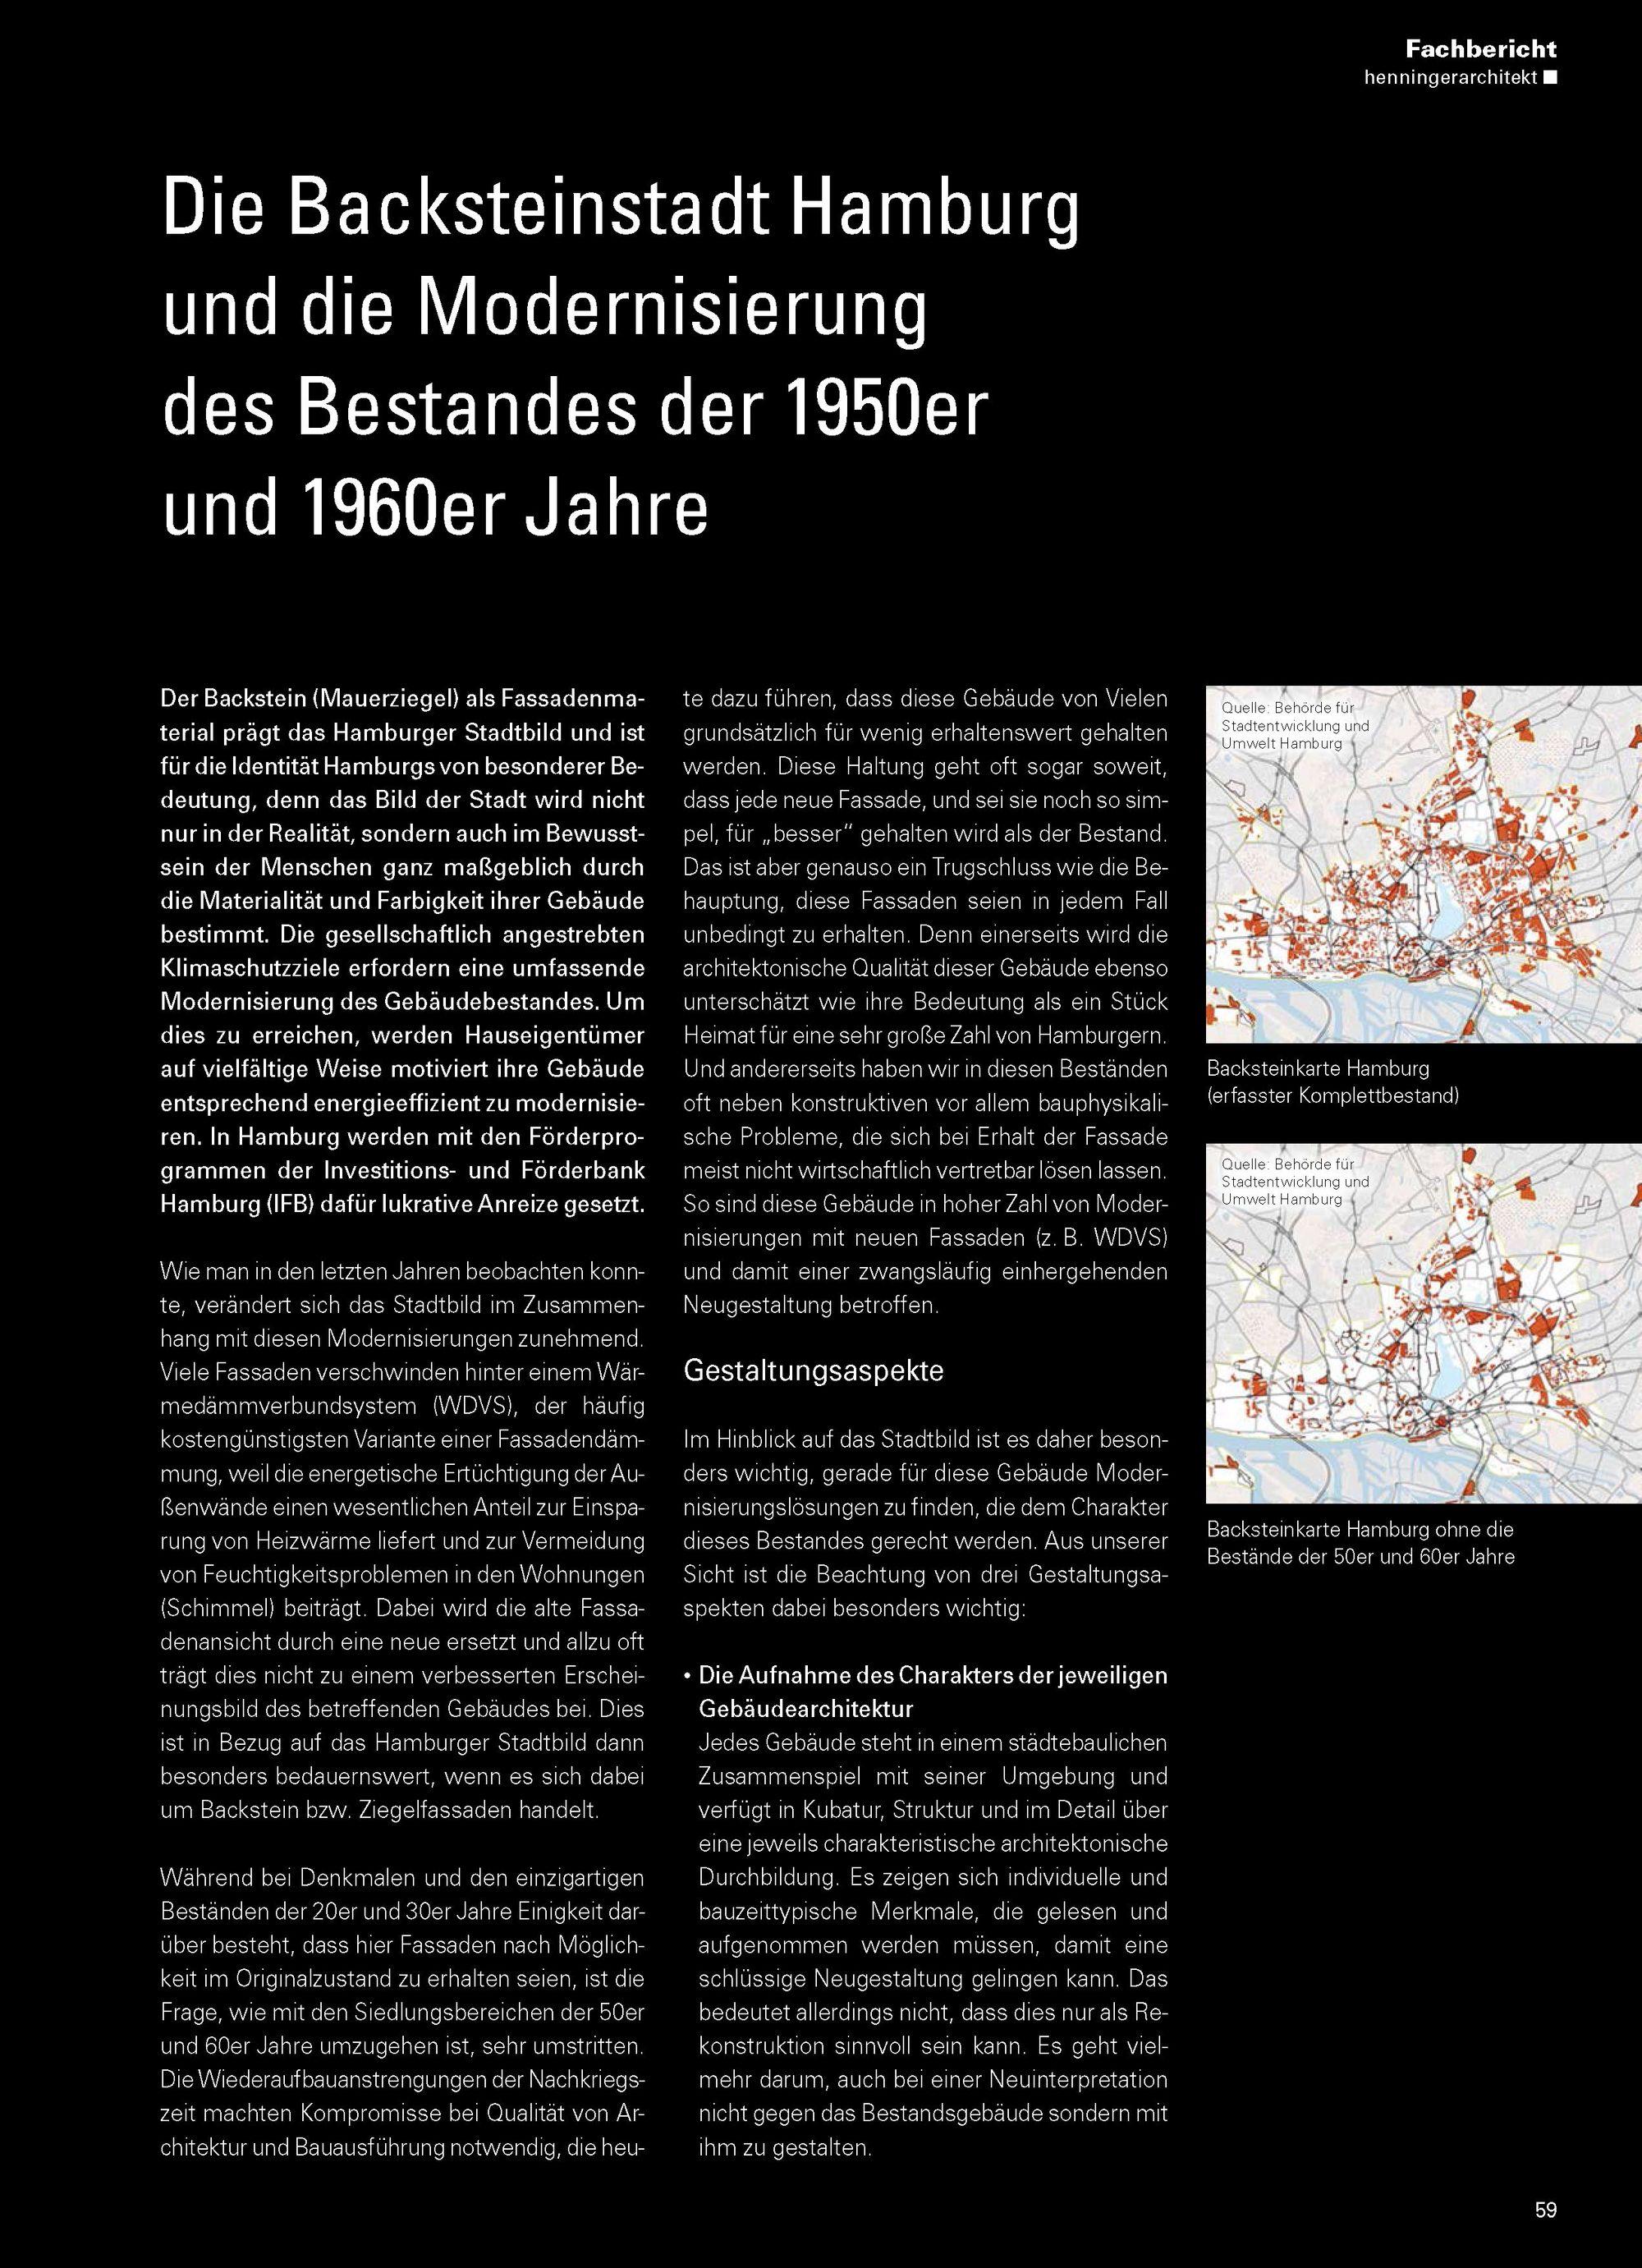 Die Backsteinstadt Hamburg und die Modernisierung des Bestandes der 1950er und 1960er Jahre